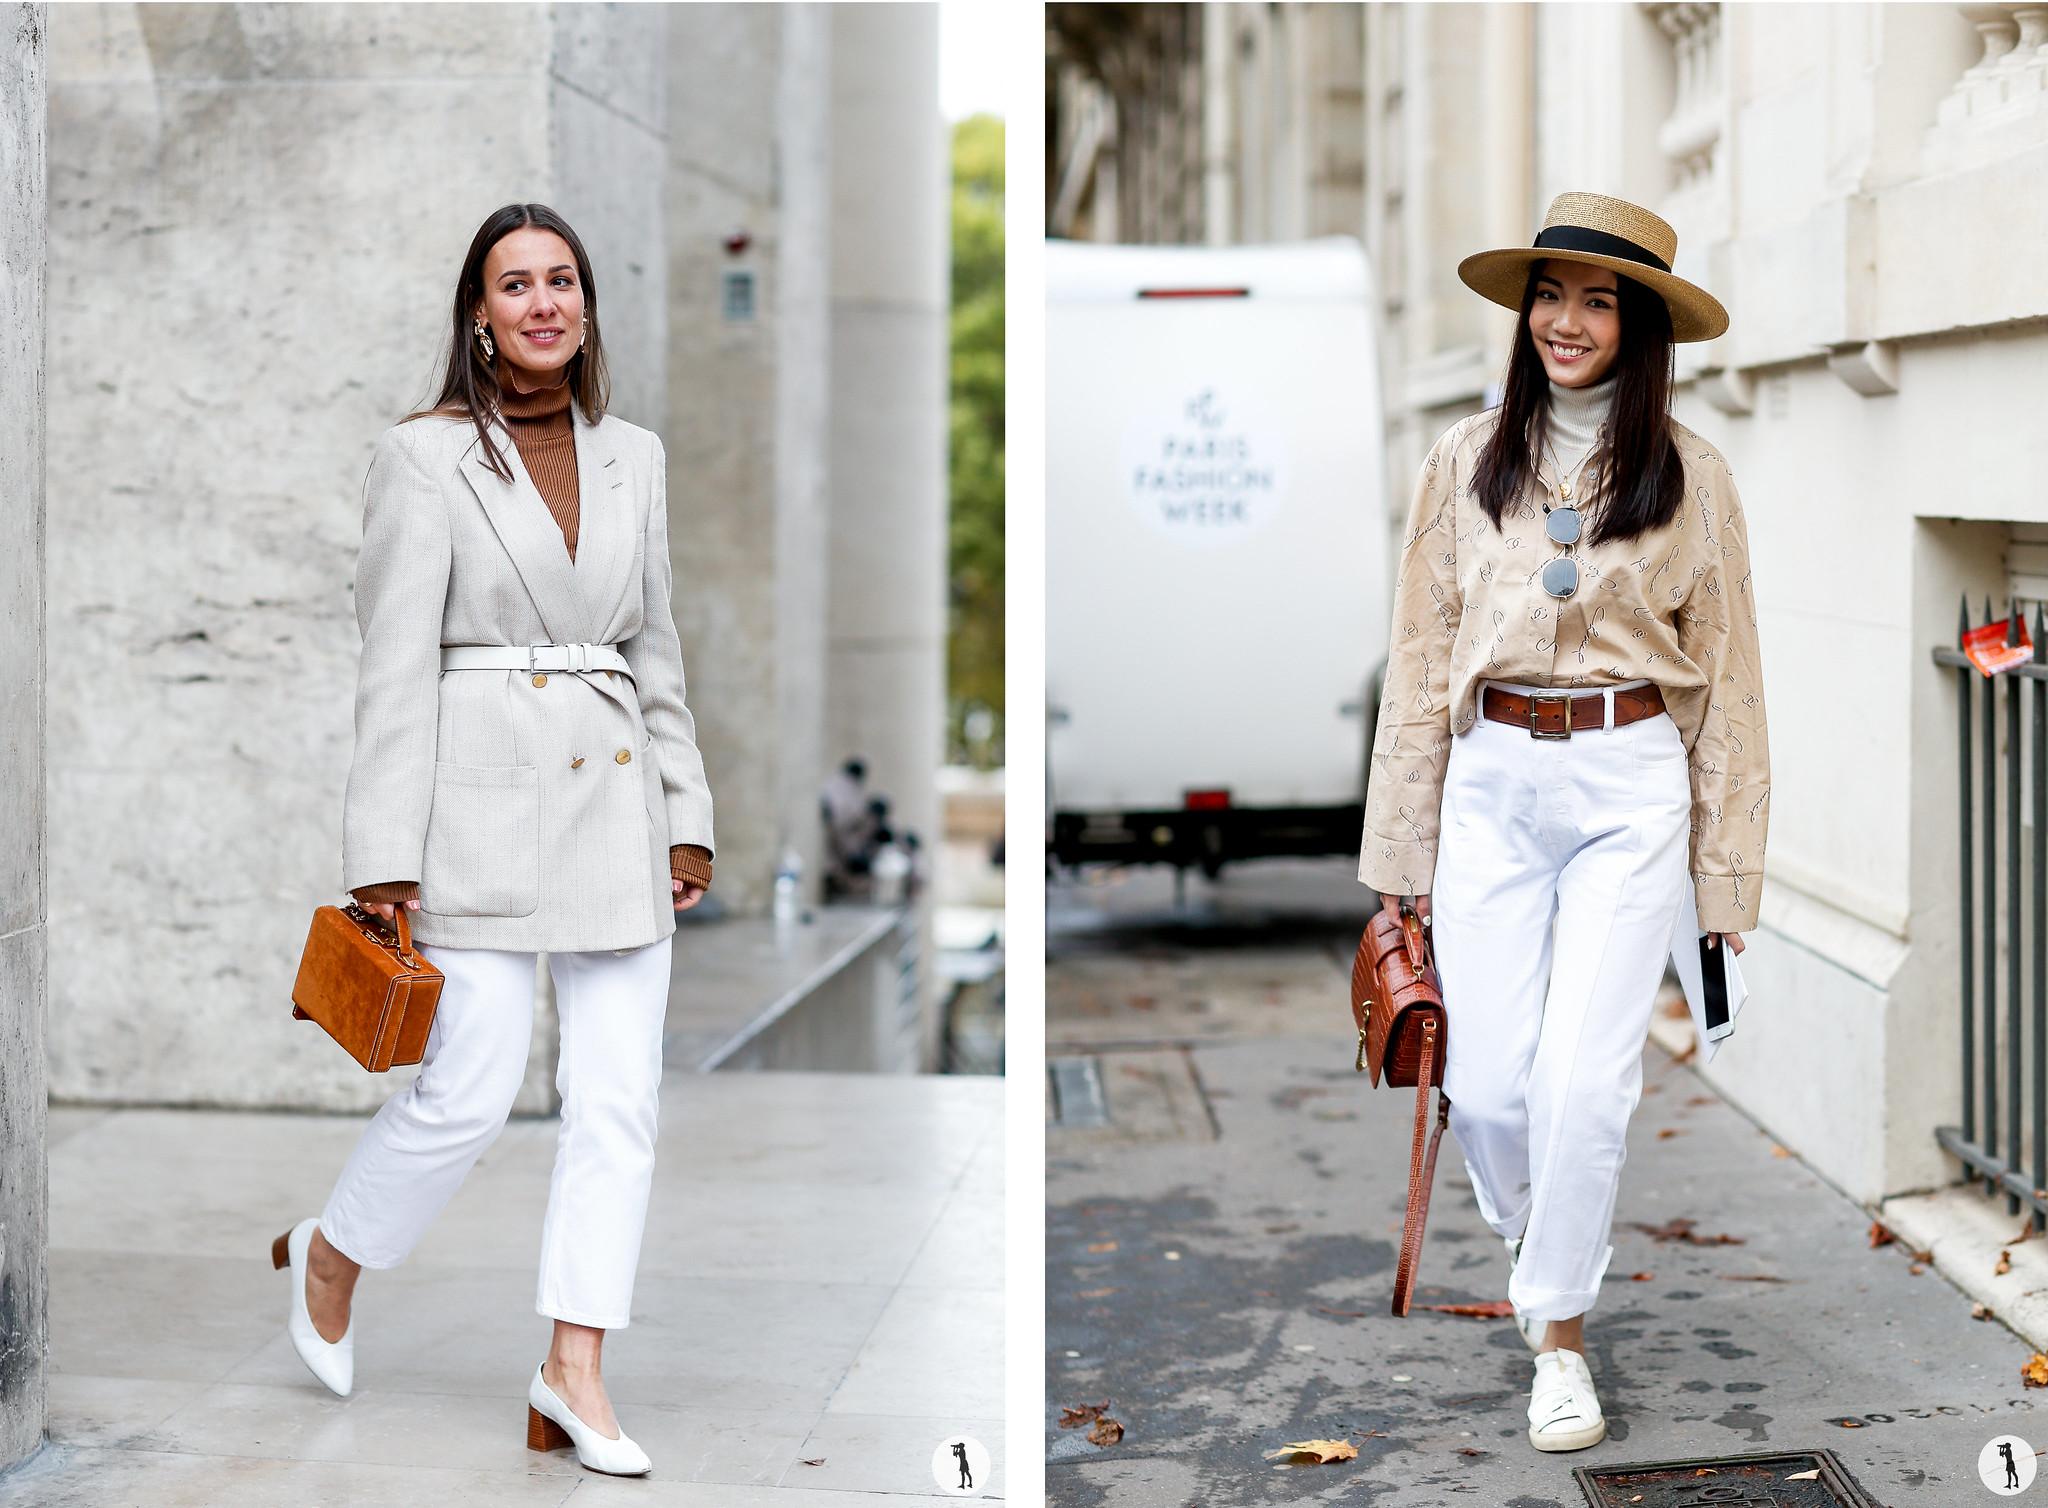 Alice Jaimetoutcheztoi and Yoyo Cao - Paris Fashion Week SS18